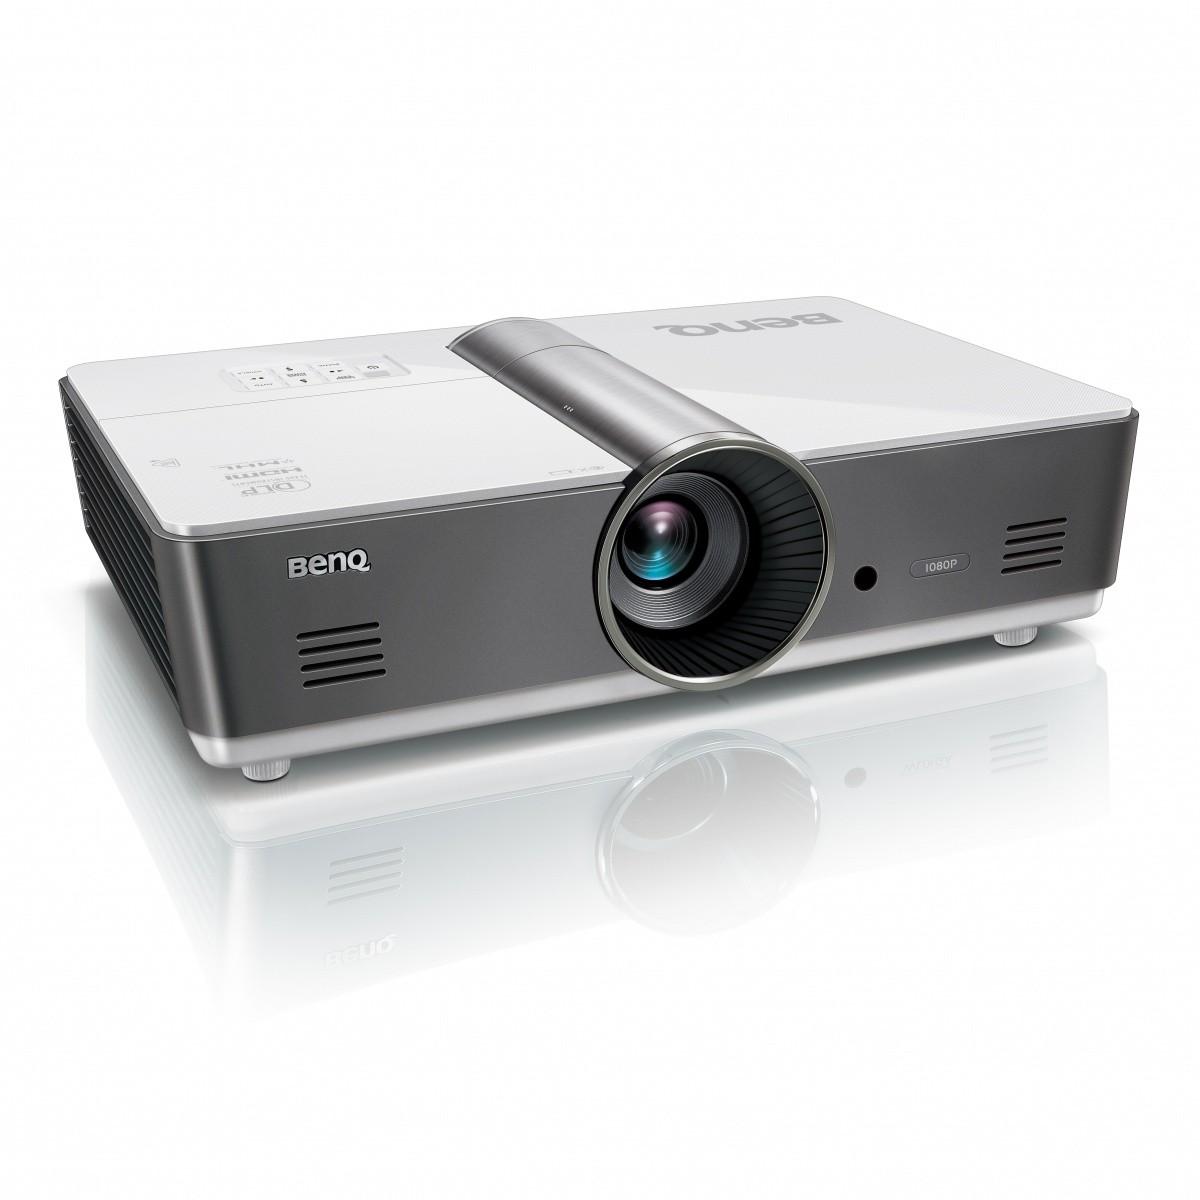 pj-mh760-dlp-1080p-5000ansi30001hdmi